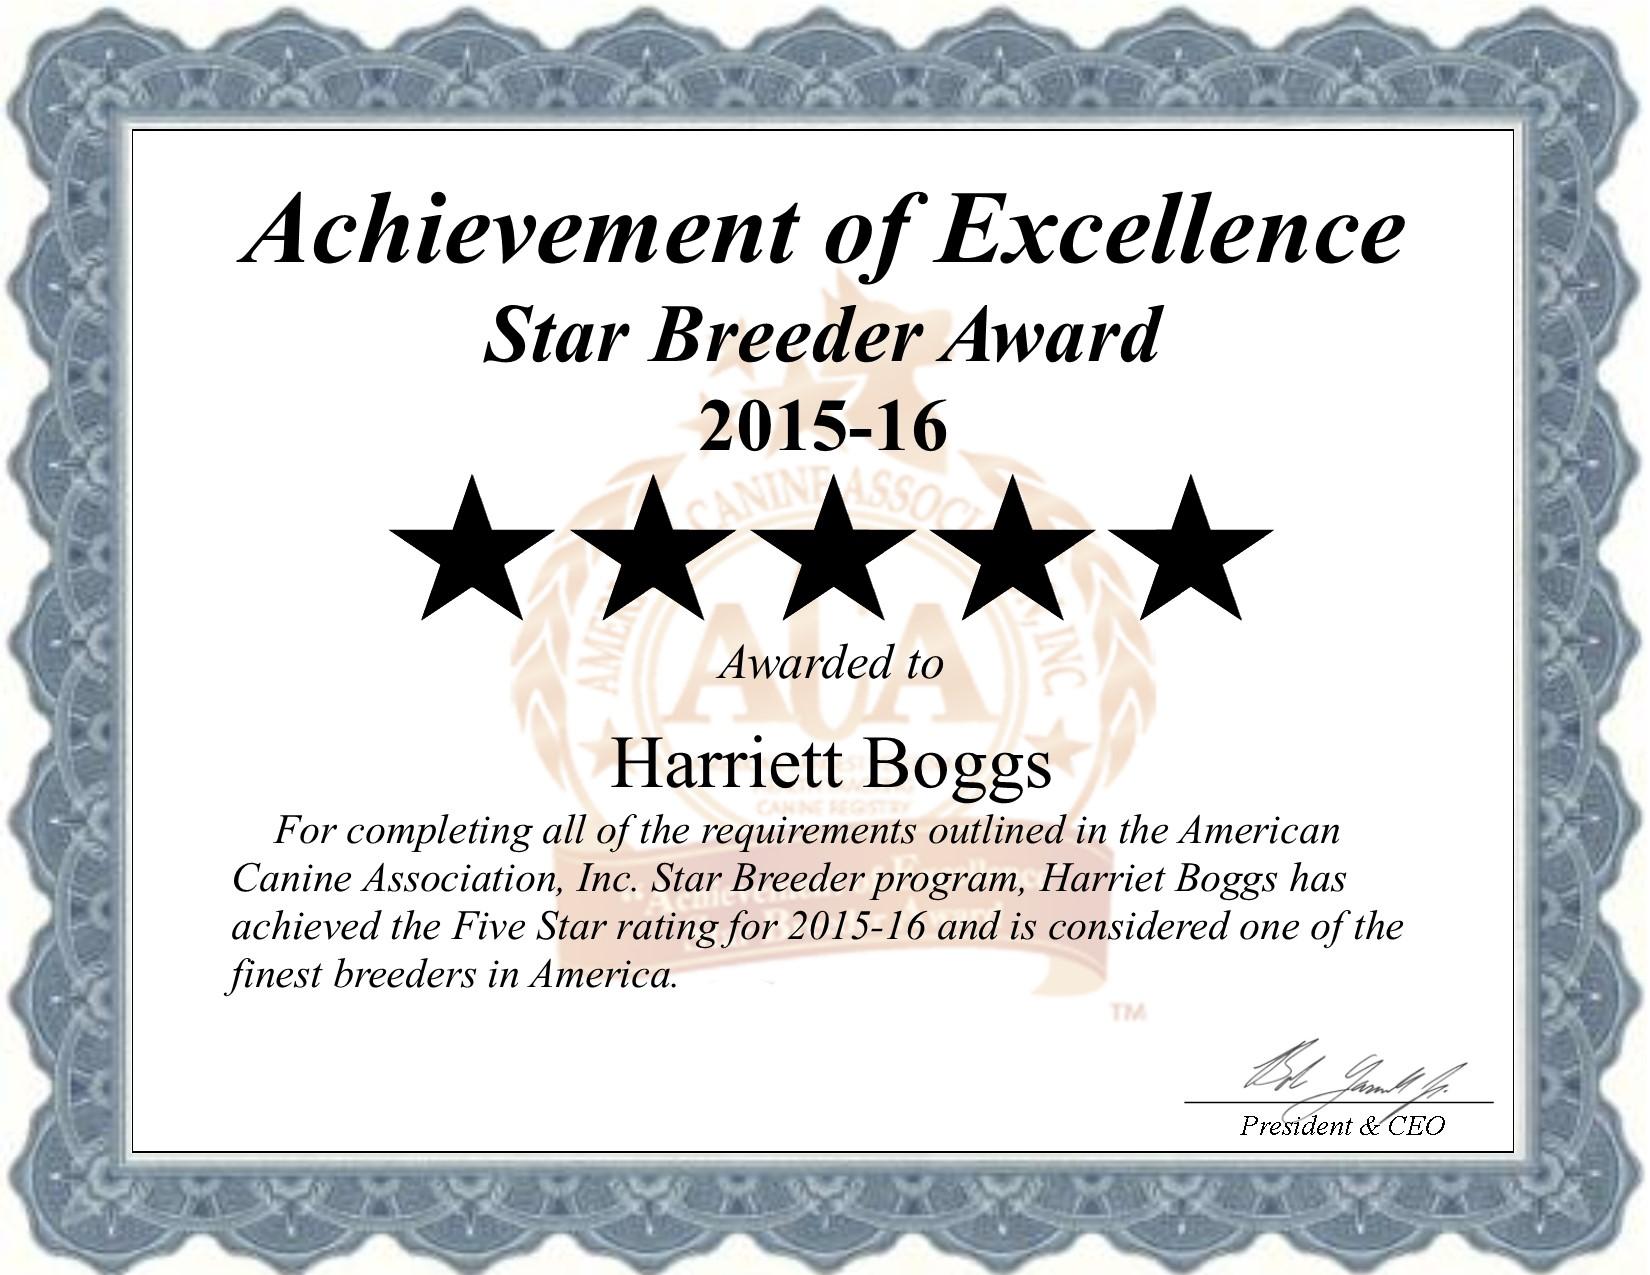 Harriett, boggs, dog, breeder, harriett-boggs, dog-breeder, Harriett Boggs, Boggs kennel, star, star breeder, 5 star, ACA, niangua, Missouri, MO, dogs, show, handler, puppy, puppies, five star, puppy mill, puppymill, professional, show breeder, starbreeders, champions